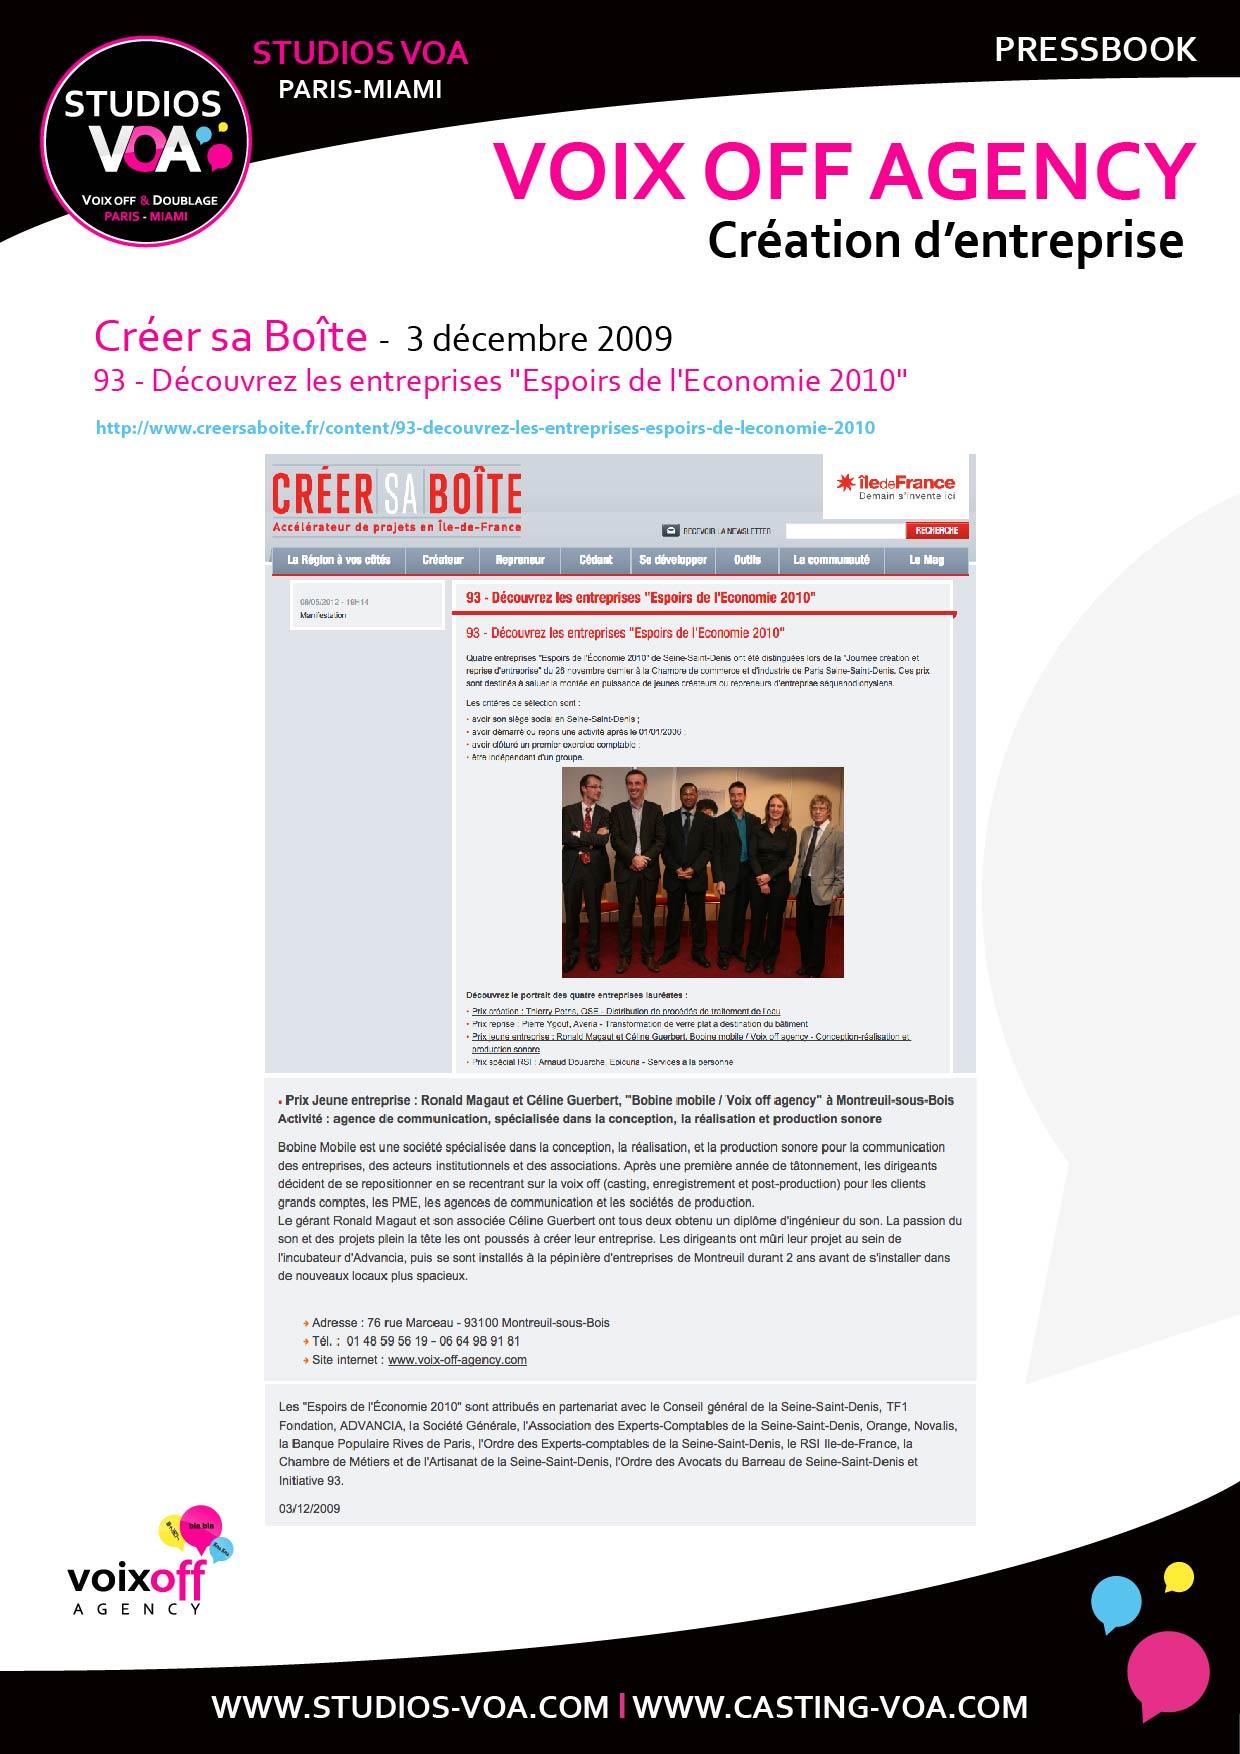 Pressbook-VOA_160122_Plan-de-travail-26